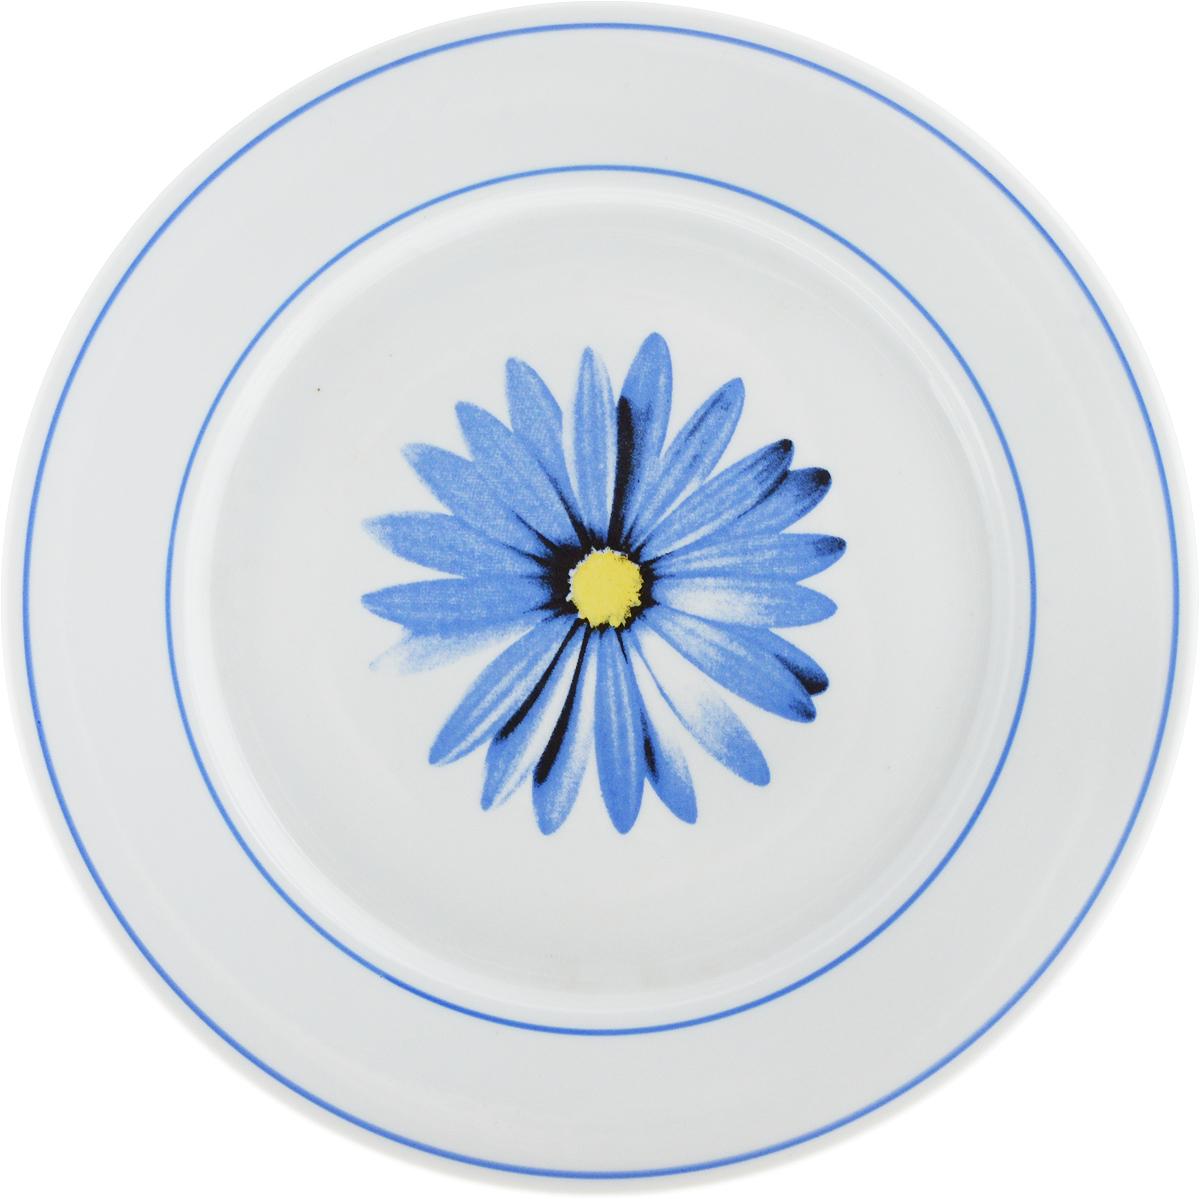 Тарелка Фарфор Вербилок Астра, диаметр 24 см16590680_белыйТарелка Фарфор Вербилок Астра, изготовленная из высококачественного фарфора, имеет классическую круглую форму. Она прекрасно впишется в интерьер вашей кухни и станет достойным дополнением к кухонному инвентарю. Изделие дополнено цветочным рисунком.